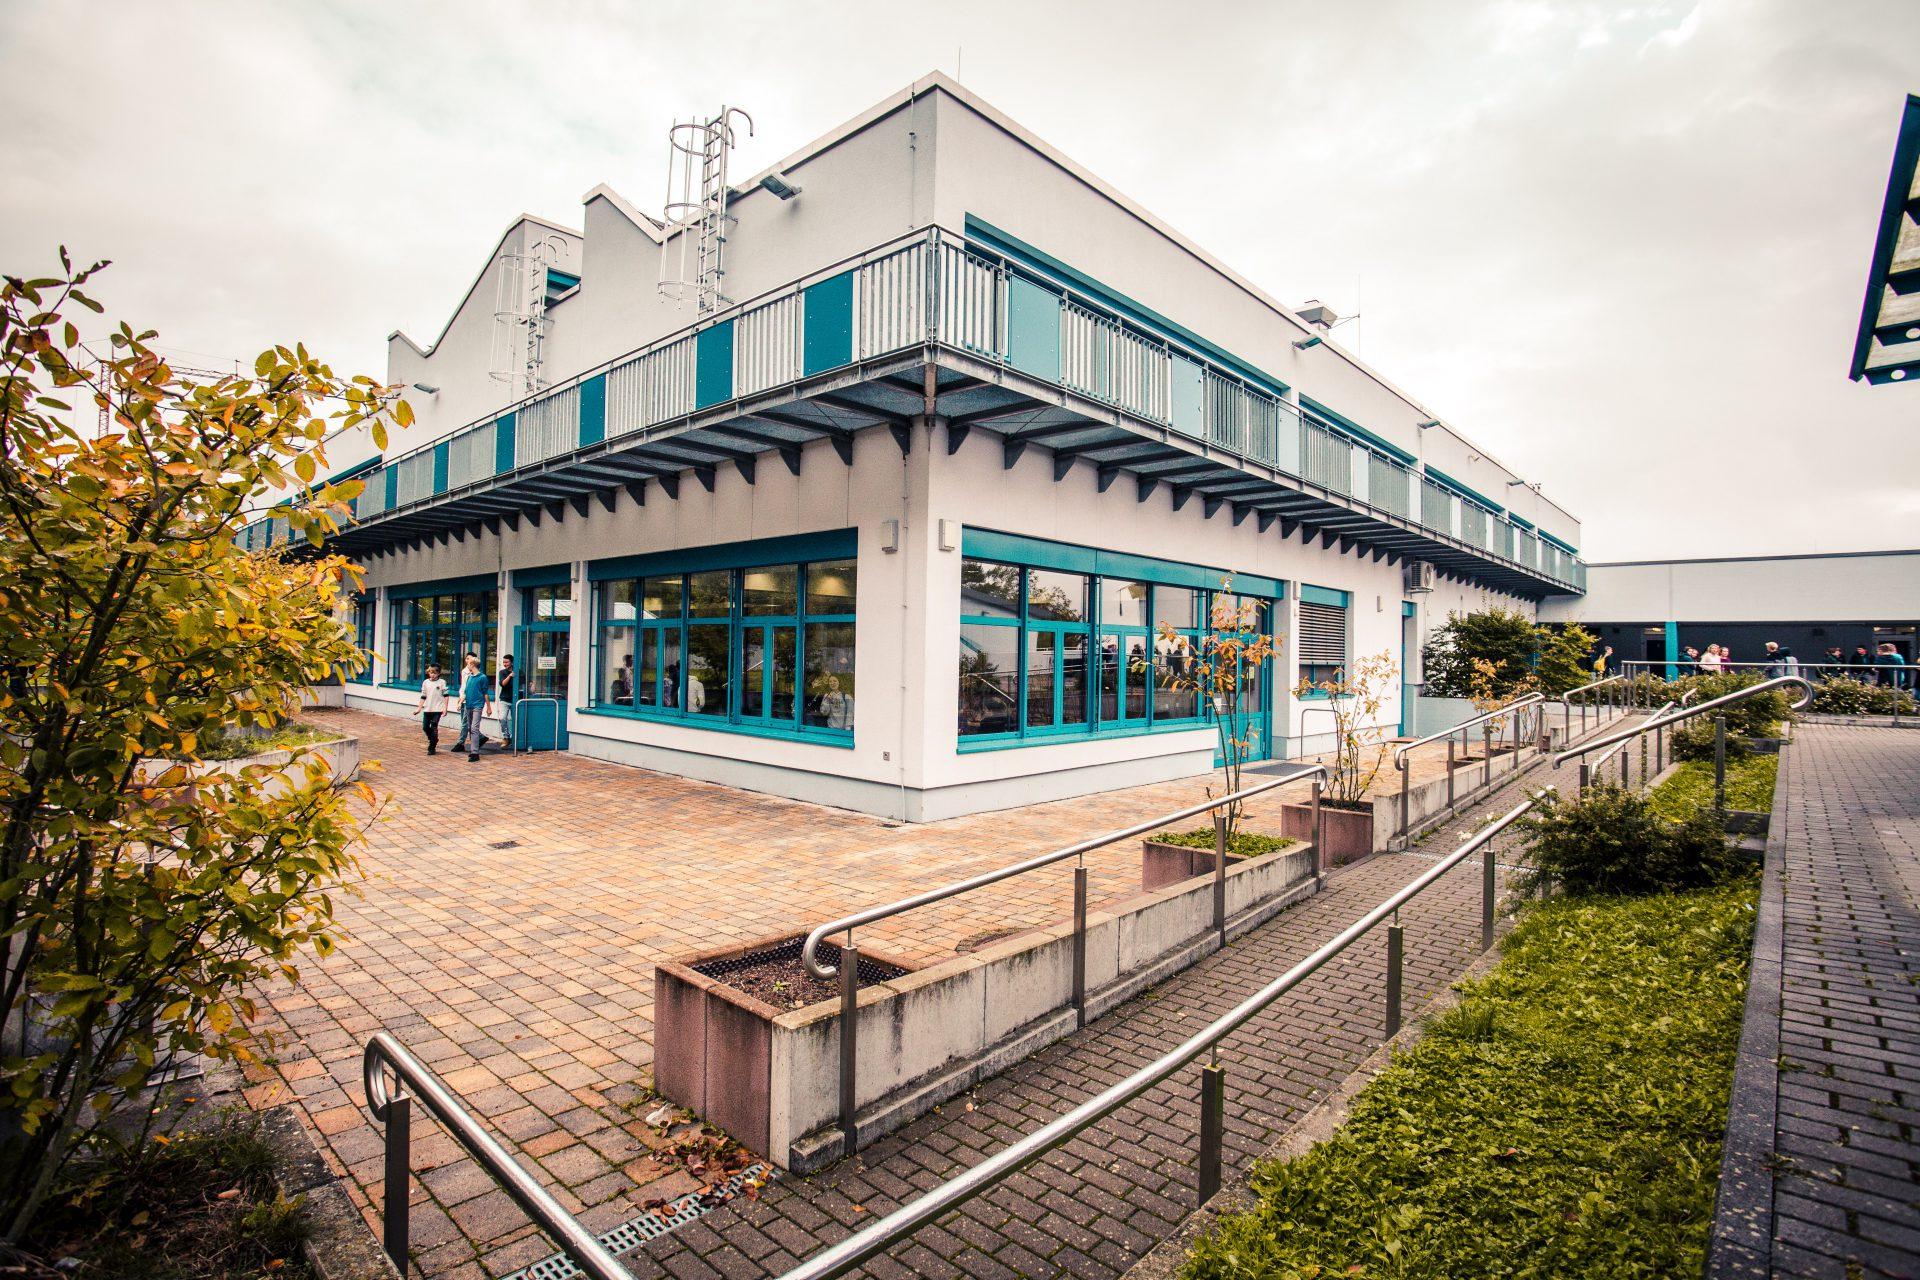 Weidigschule Butzbach